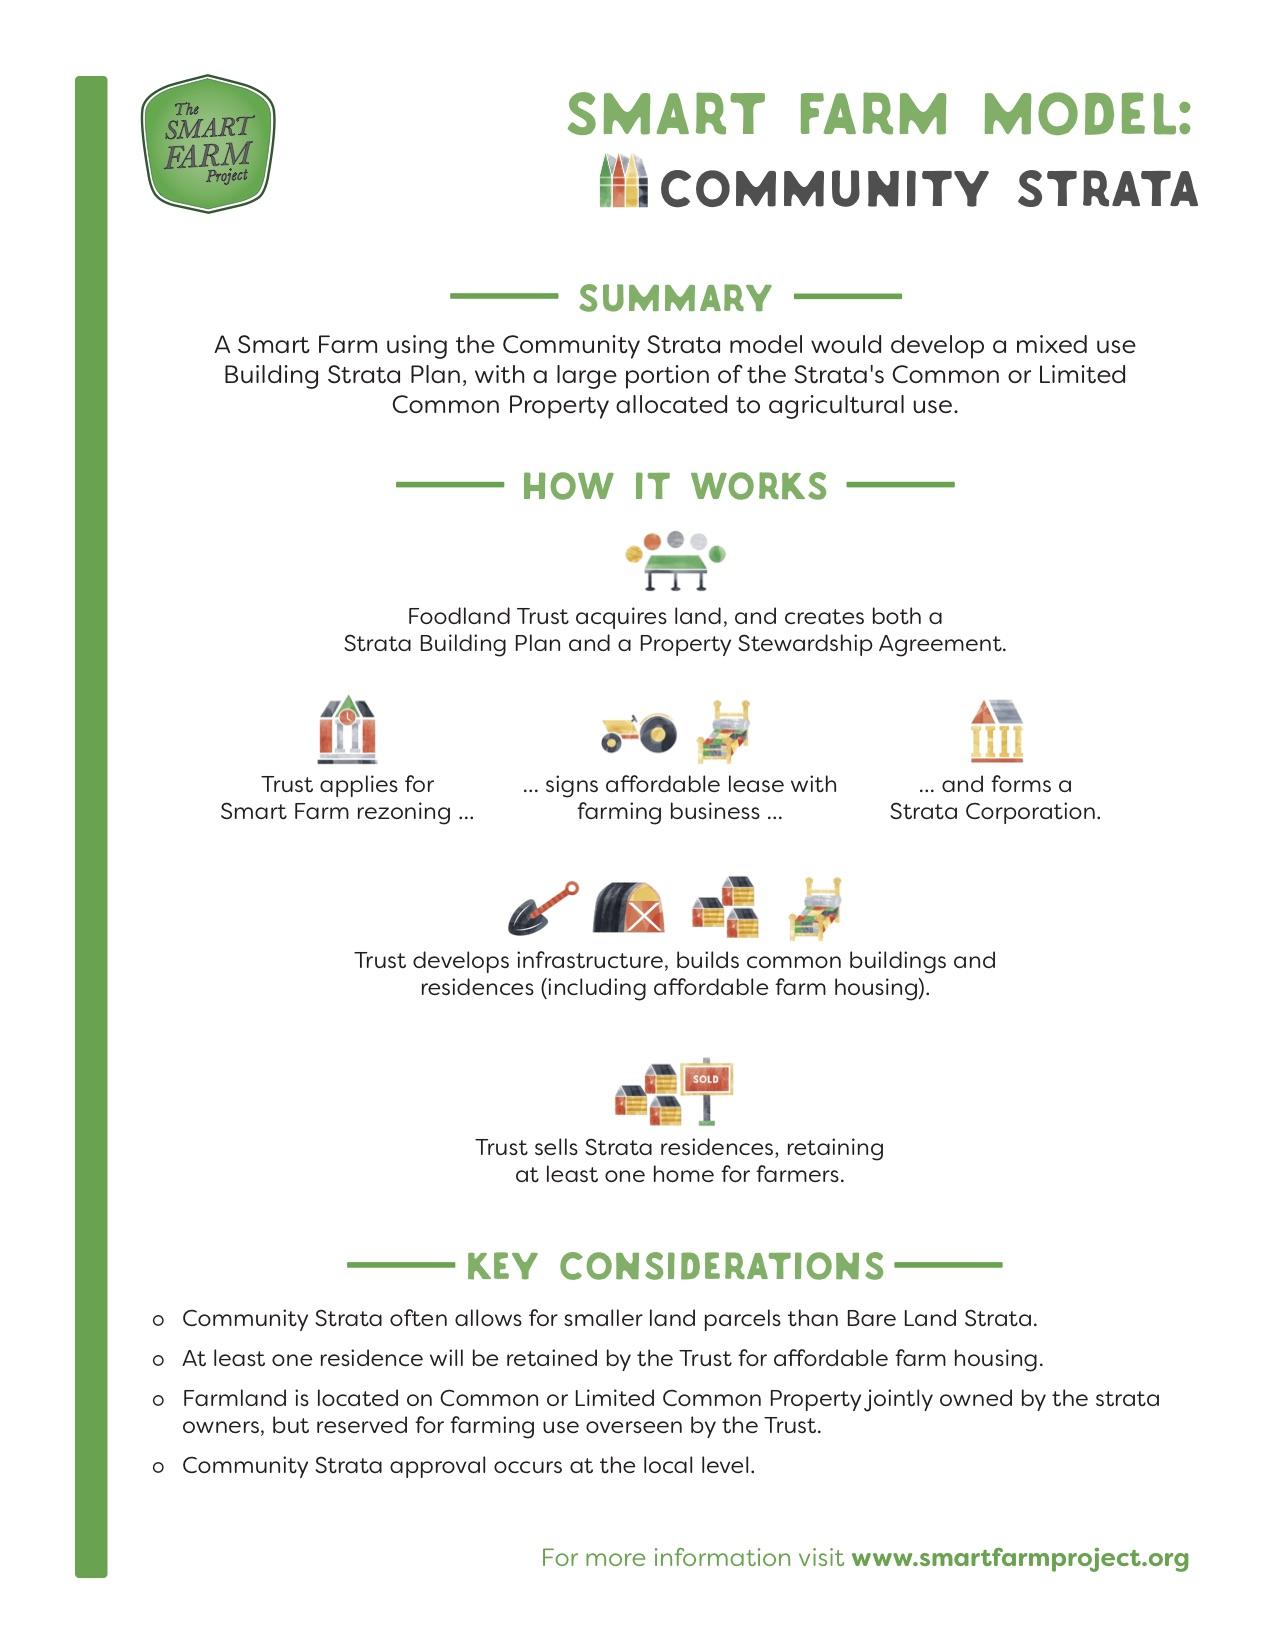 Community Strata